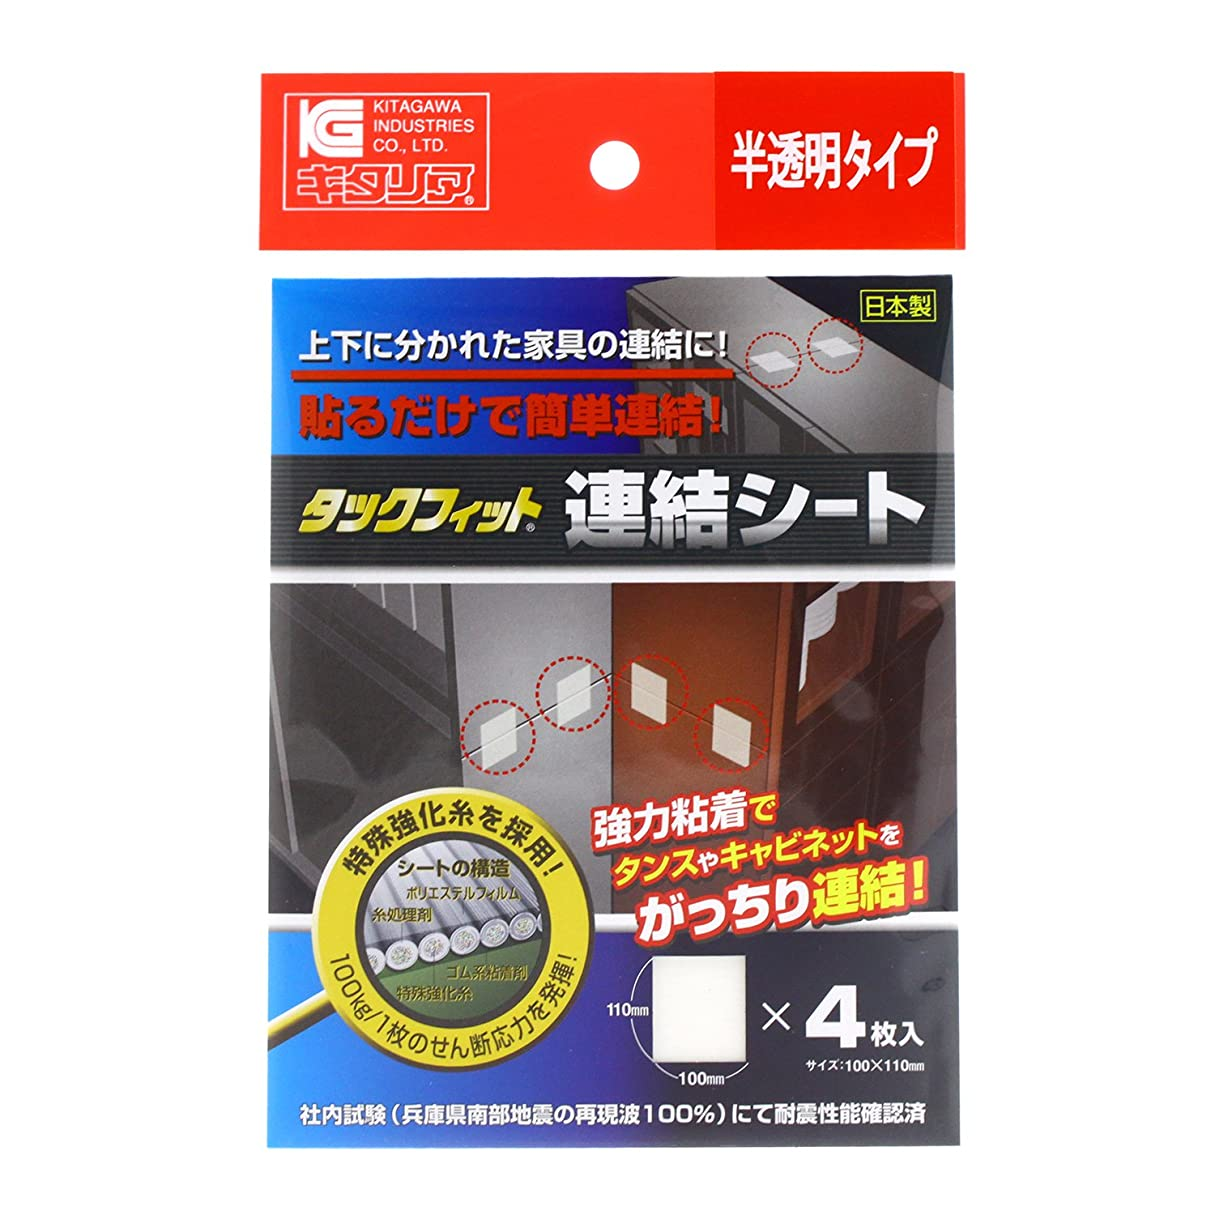 艶バック前北川工業 タックフィット連結シート 半透明 TFS-1120